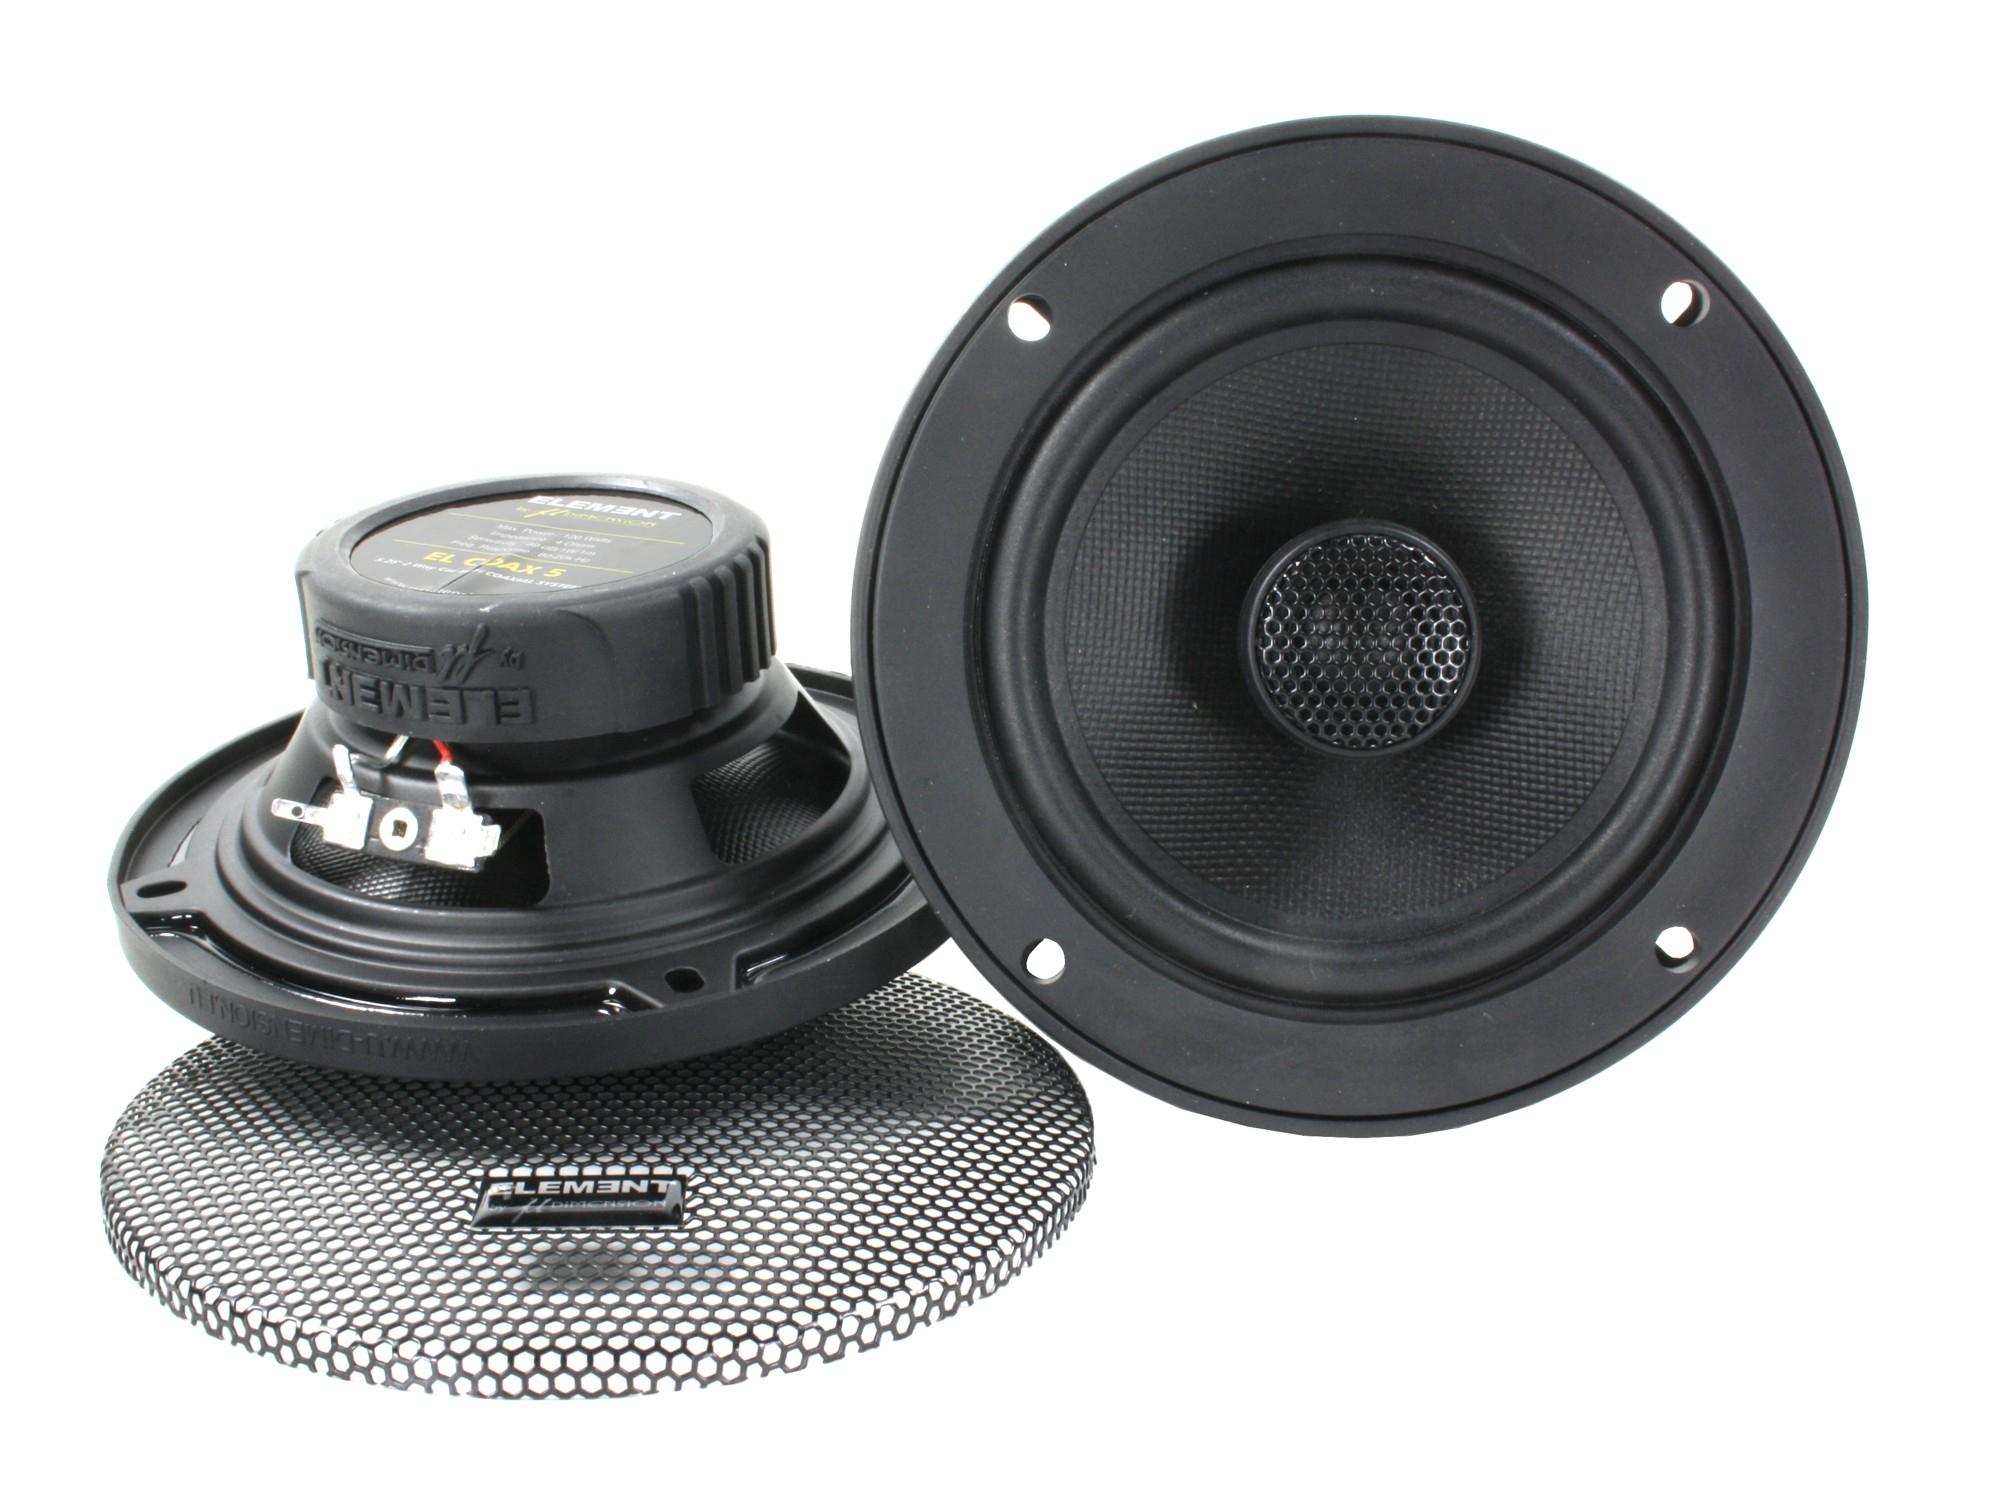 EL Coax 5 / 50 watt rms